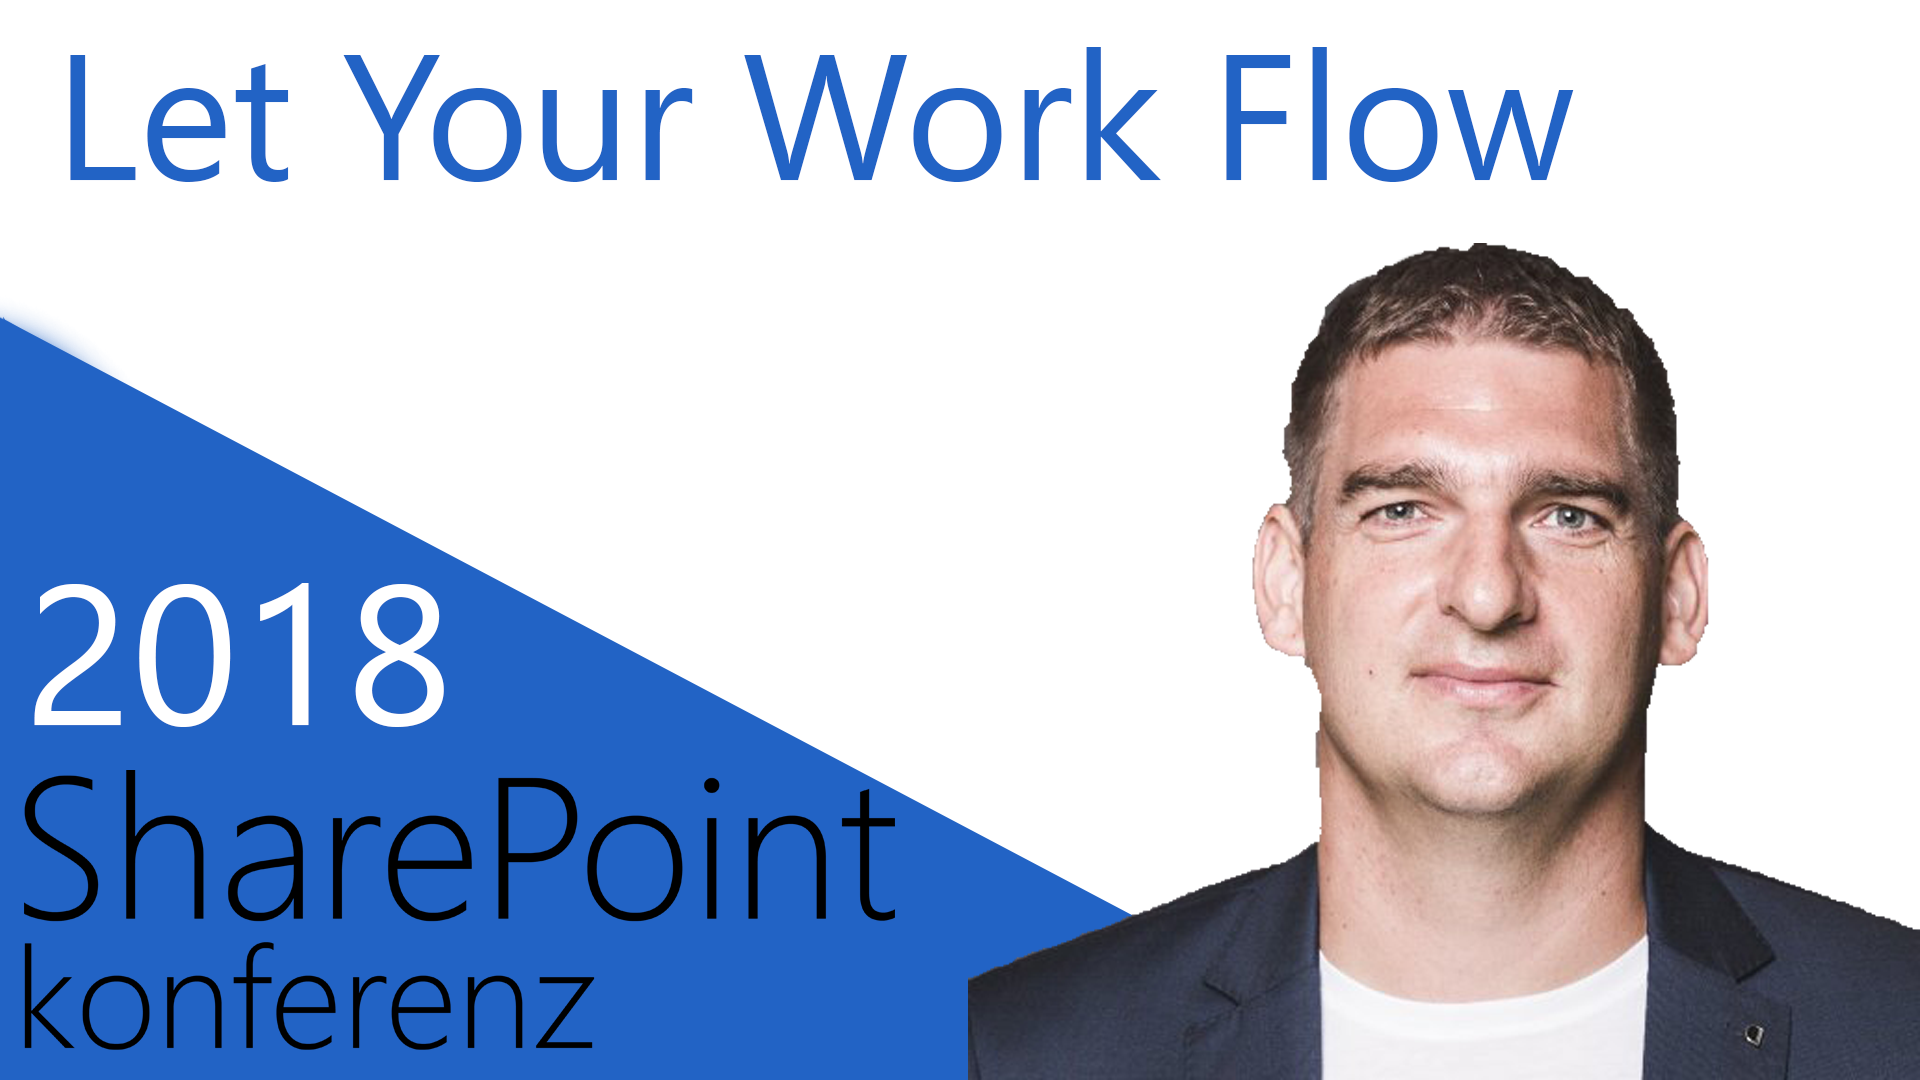 2018/SharePointKonferenz/letyourworkflow